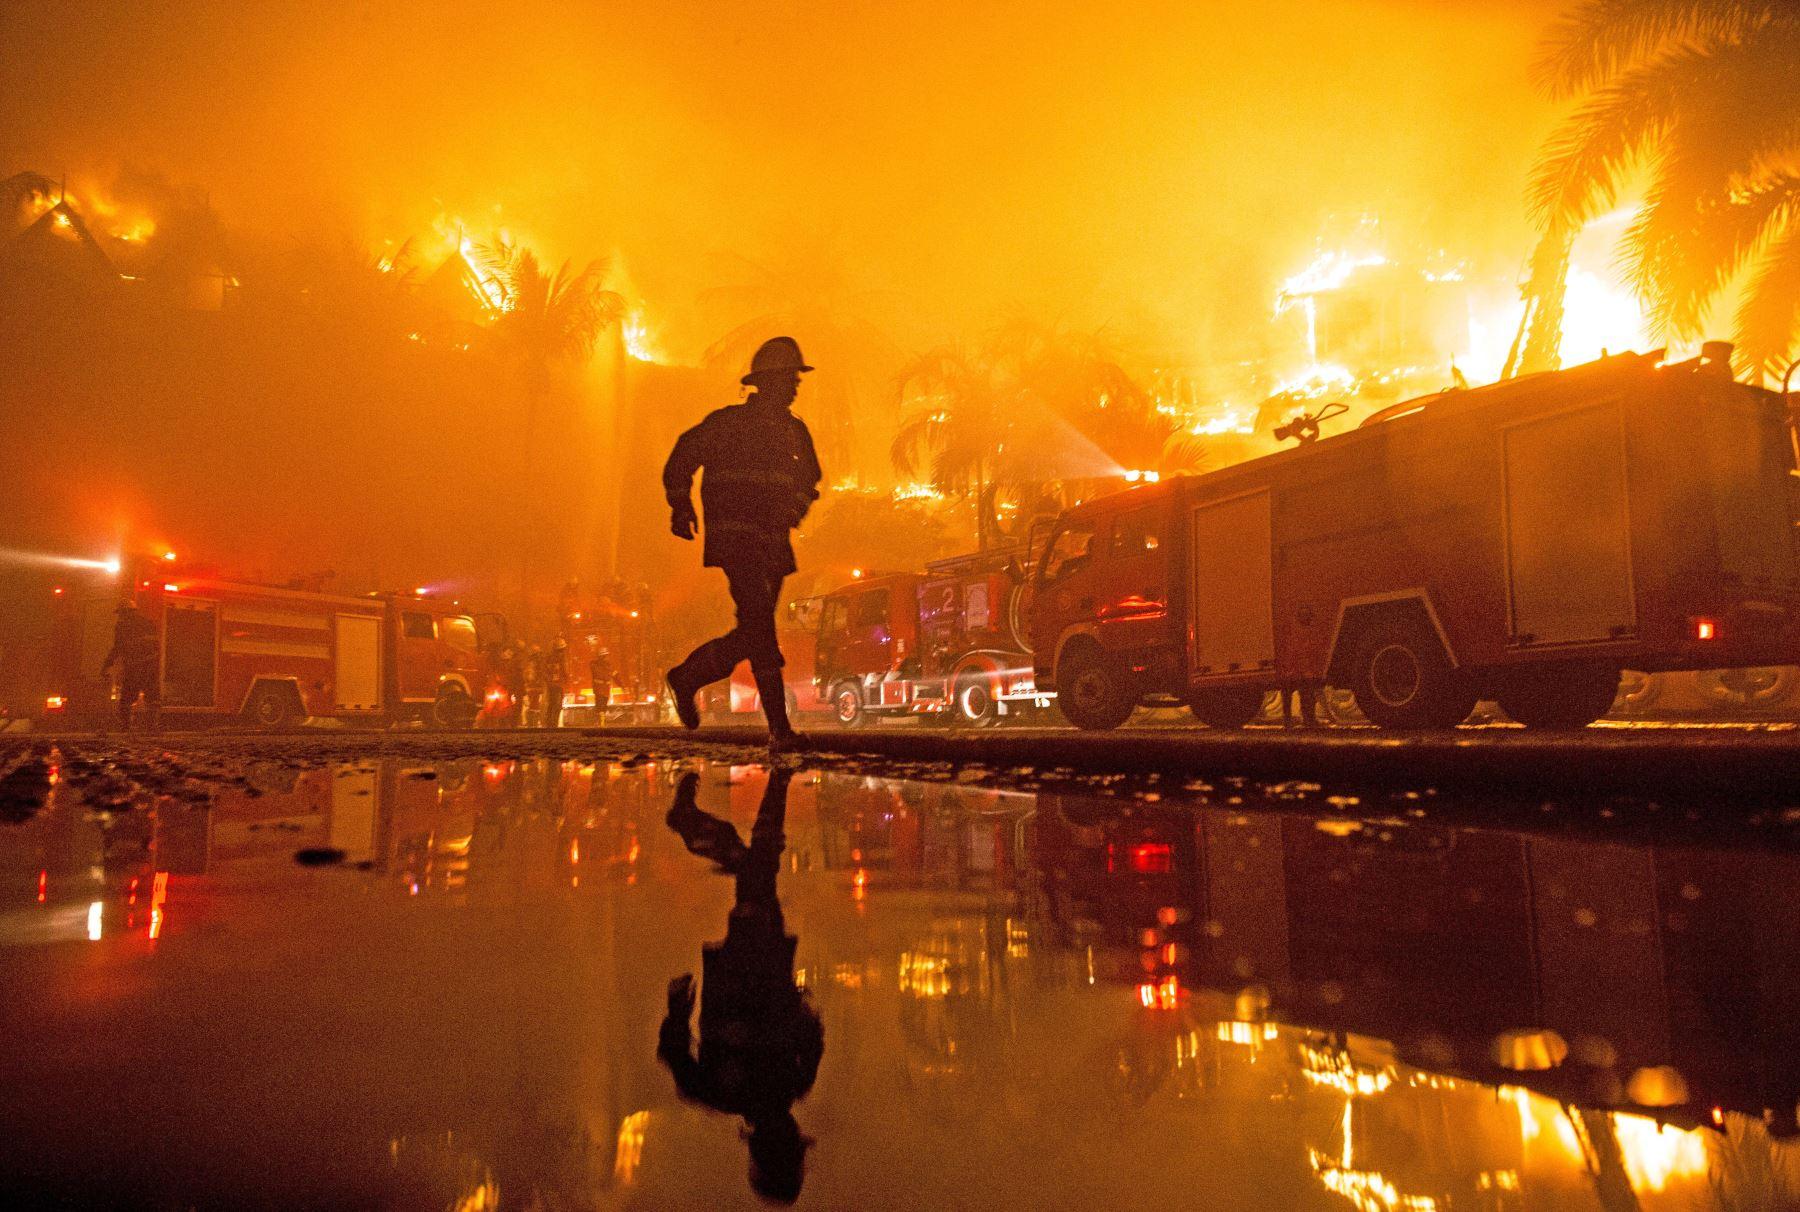 Un bombero extingue un incendio en el hotel Kandawgyi Palace en Myanmar. Foto: AFP